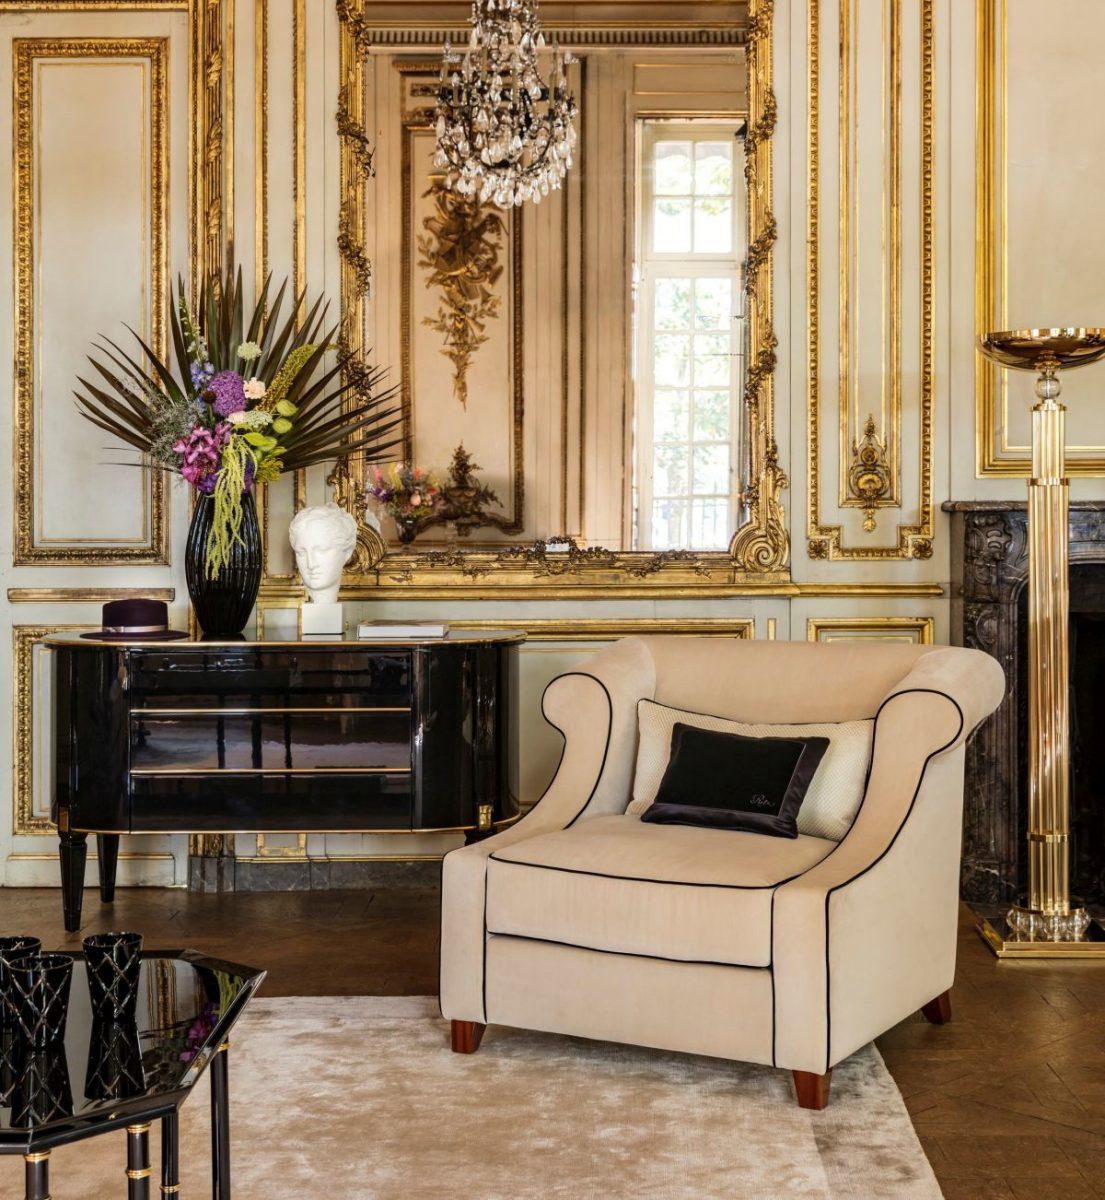 01_ritz-paris-home-collection-mampo-2019-2-1200x1200.jpg